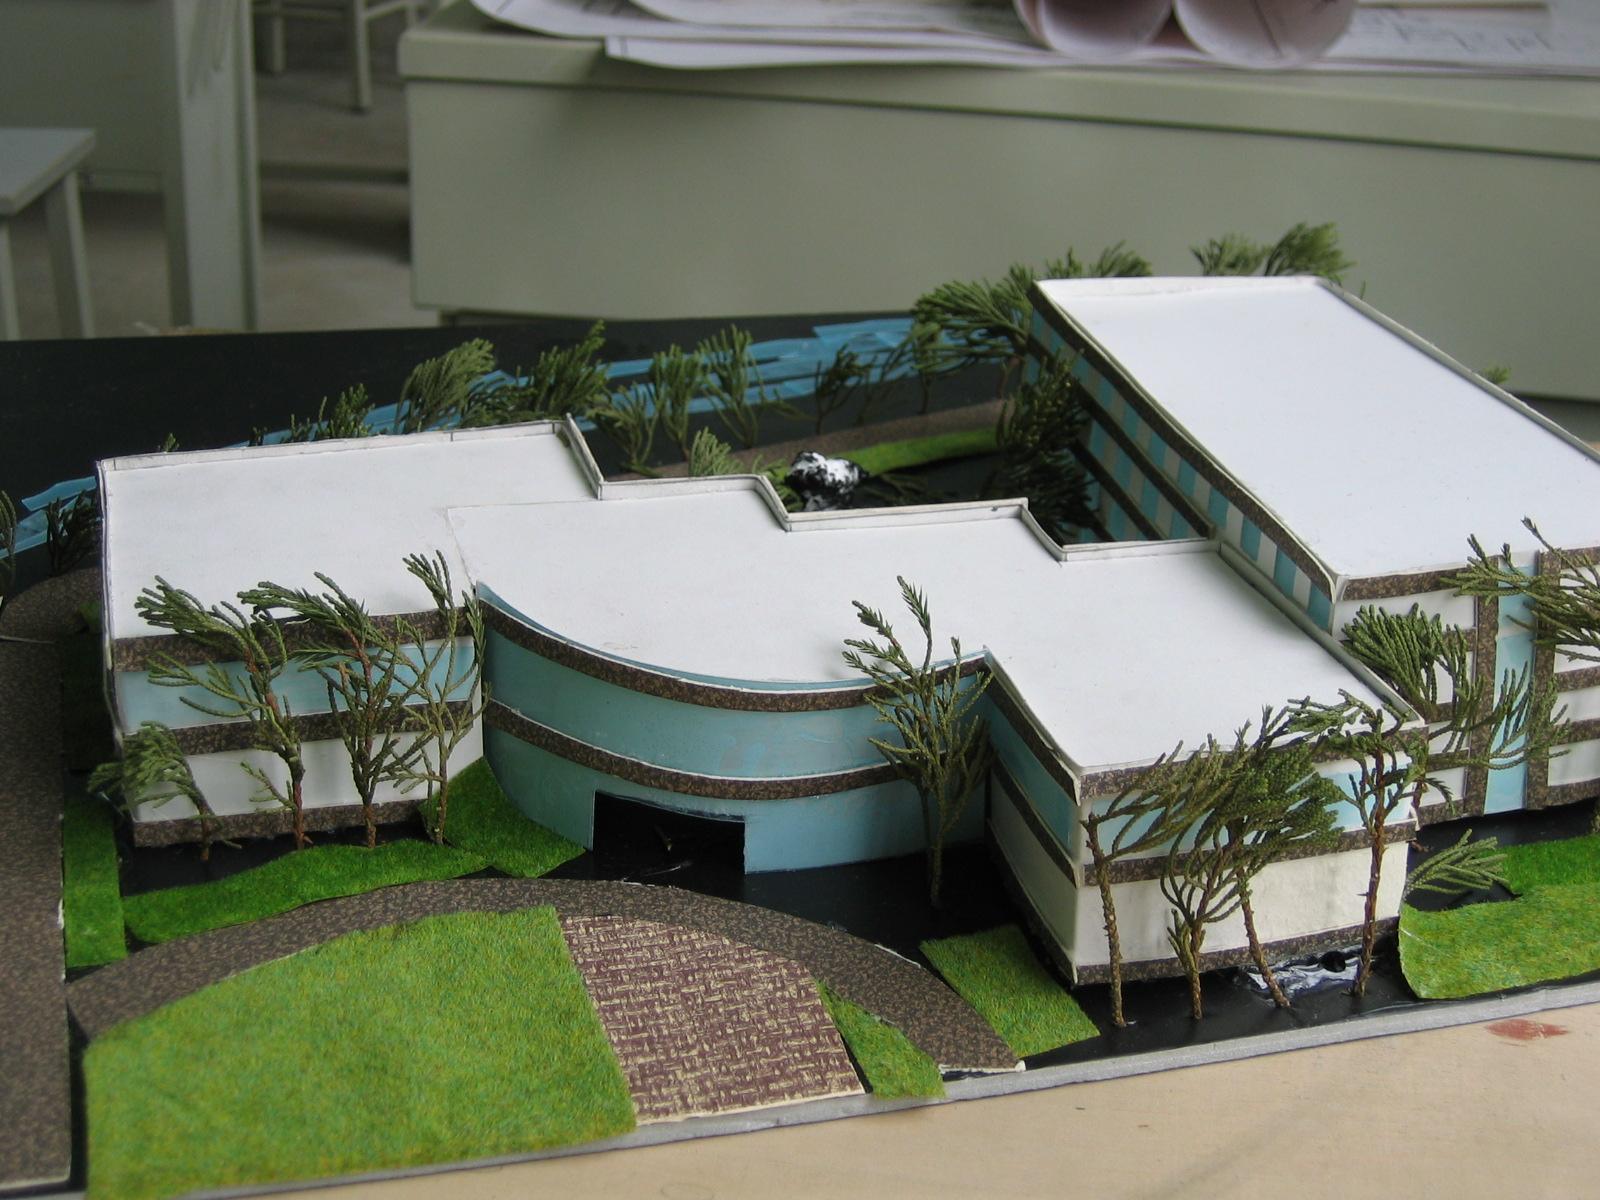 旅馆模型_co土木在线图纸下载;; 德国学生的建筑模型 手工制作